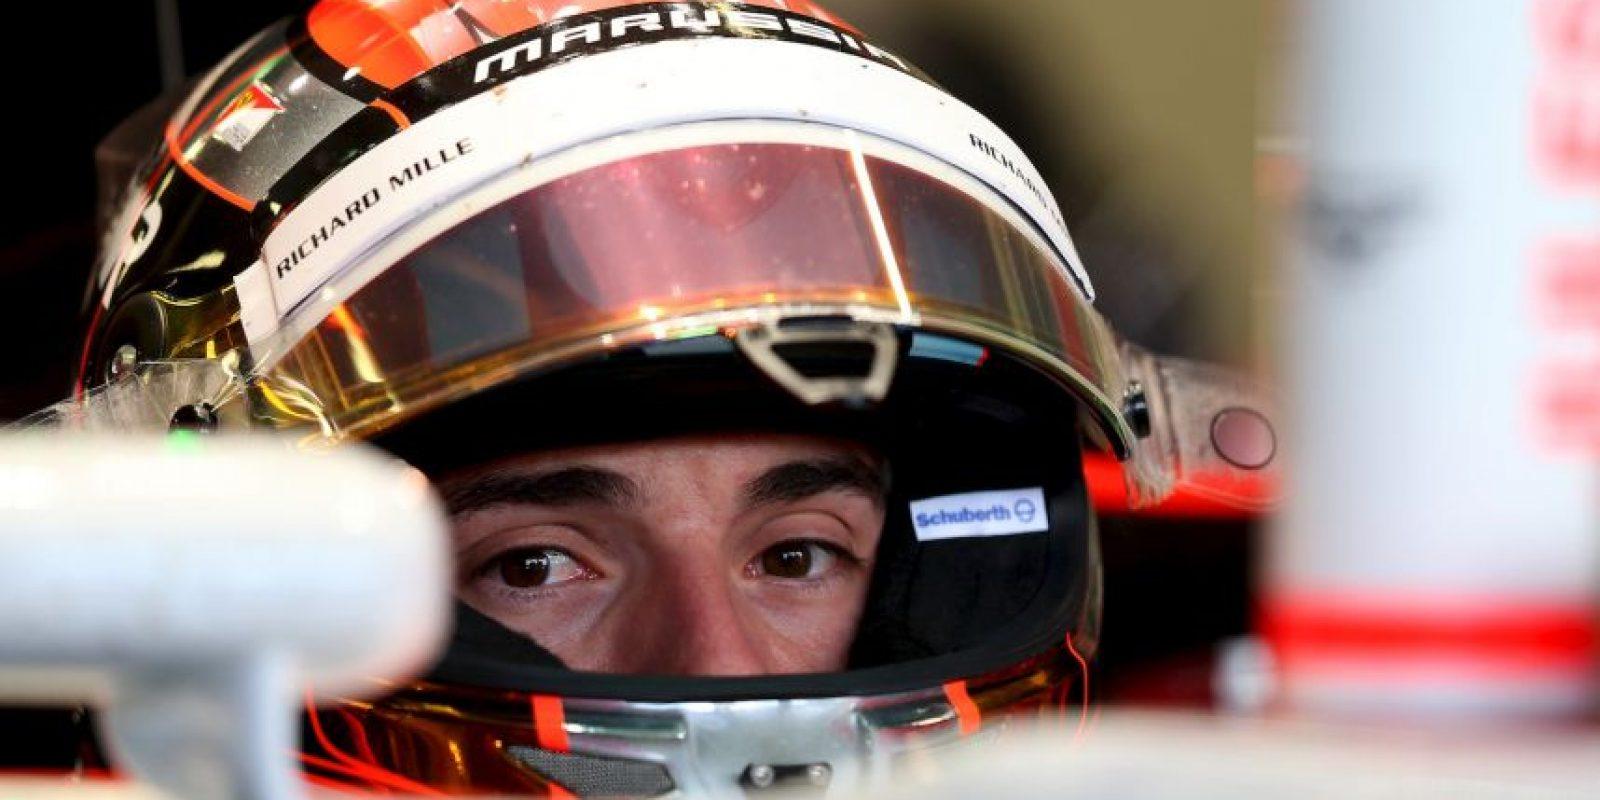 La Fórmula 1 también está de luto. El pasado 17 de julio se anunció que el piloto francés Jules Bianchi había fallecido. Foto:Getty Images